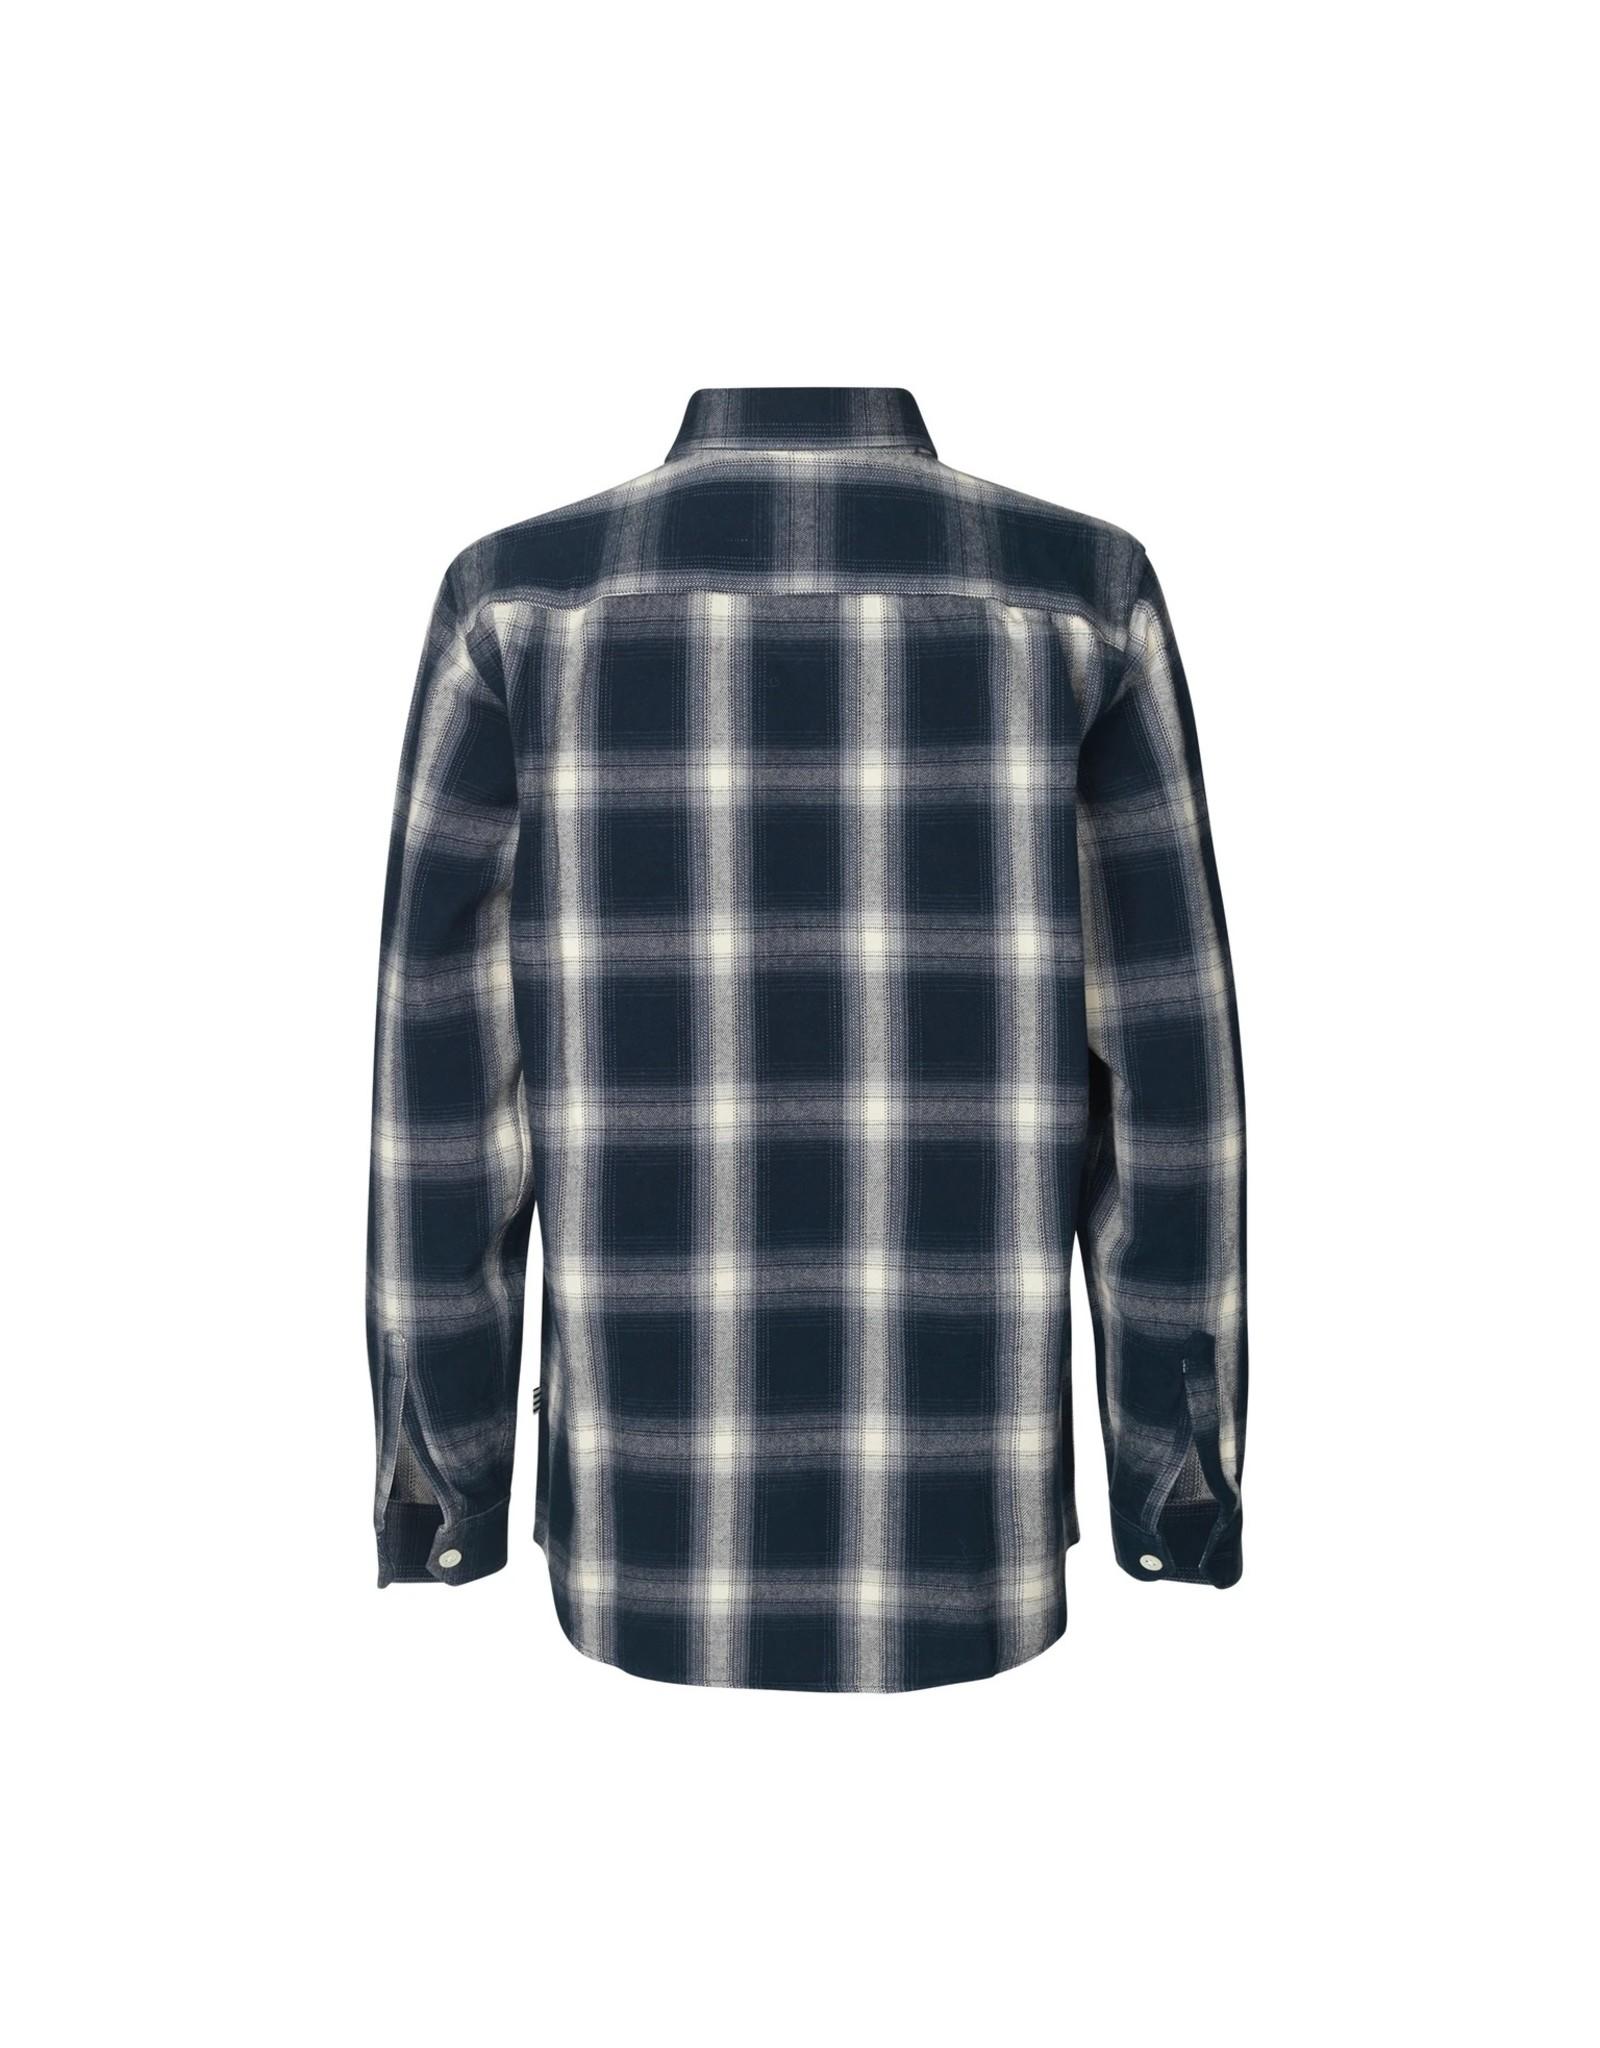 Svantino Blouse Checkered Black/White